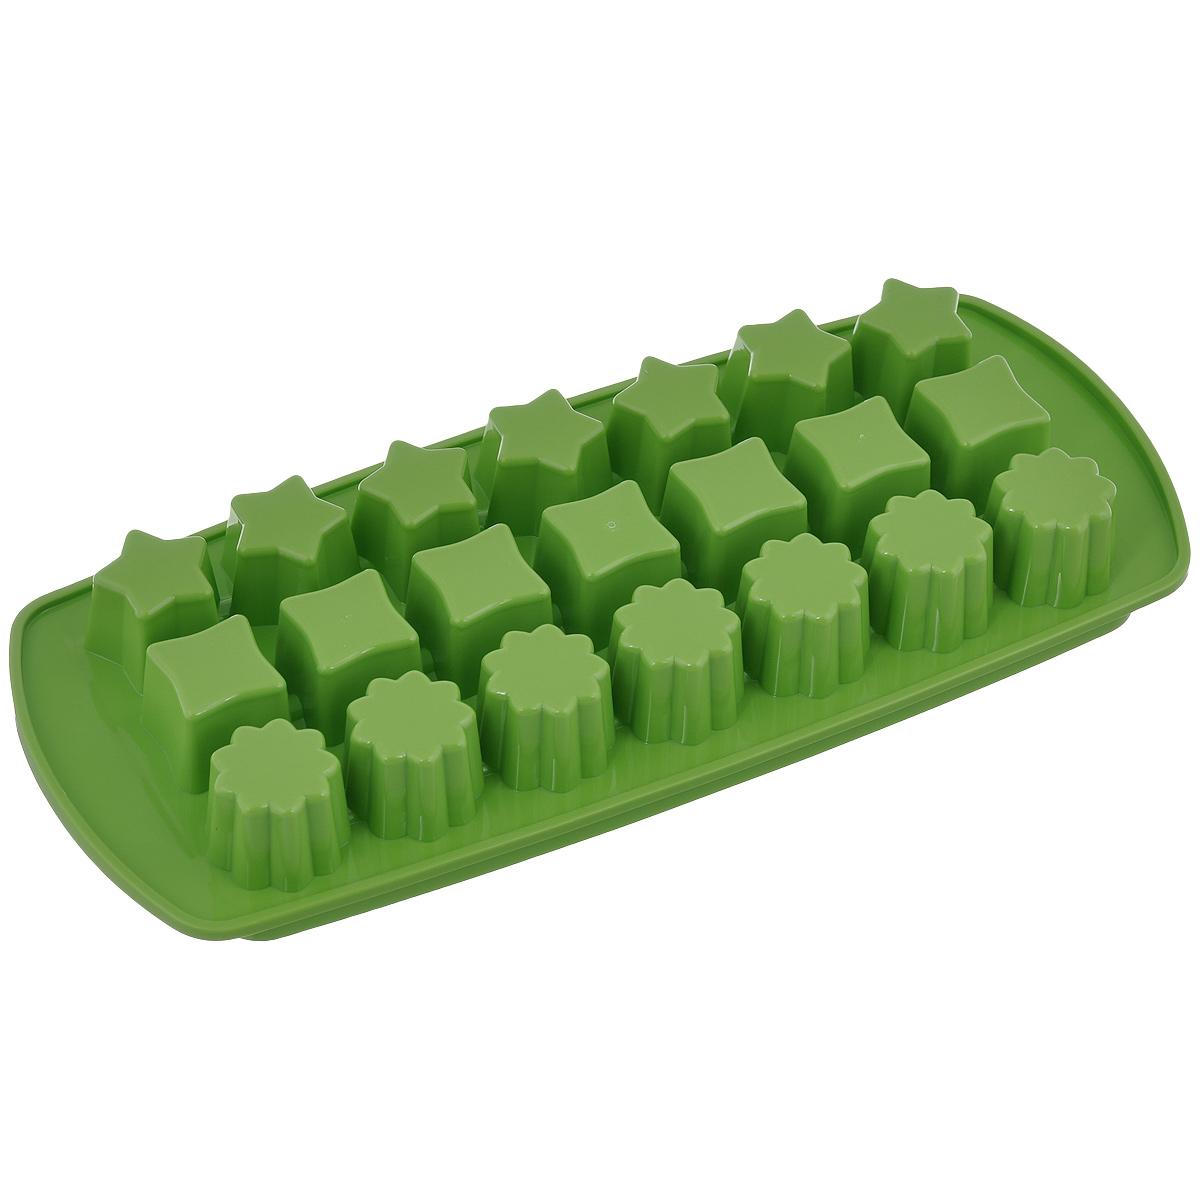 Форма для льда Tescomа Presto, цвет: зеленый, 21 ячейка420706_зеленыйФорма для льда Tescoma Presto выполнена из прочного пластика. За один раз вы можете приготовить 21 кубик льда. Теперь на смену традиционным квадратным пришли новые оригинальные формы для приготовления фигурного льда, которыми можно не только охладить, но и украсить любой напиток. В формочки при заморозке воды можно помещать ягодки, такие льдинки не только оживят коктейль, но и добавят радостного настроения гостям на празднике! Общий размер формы: 27 см х 11,5 см х 3 см. Средний размер ячейки: 2,5 см х 2,5 см. Количество ячеек: 21 шт.